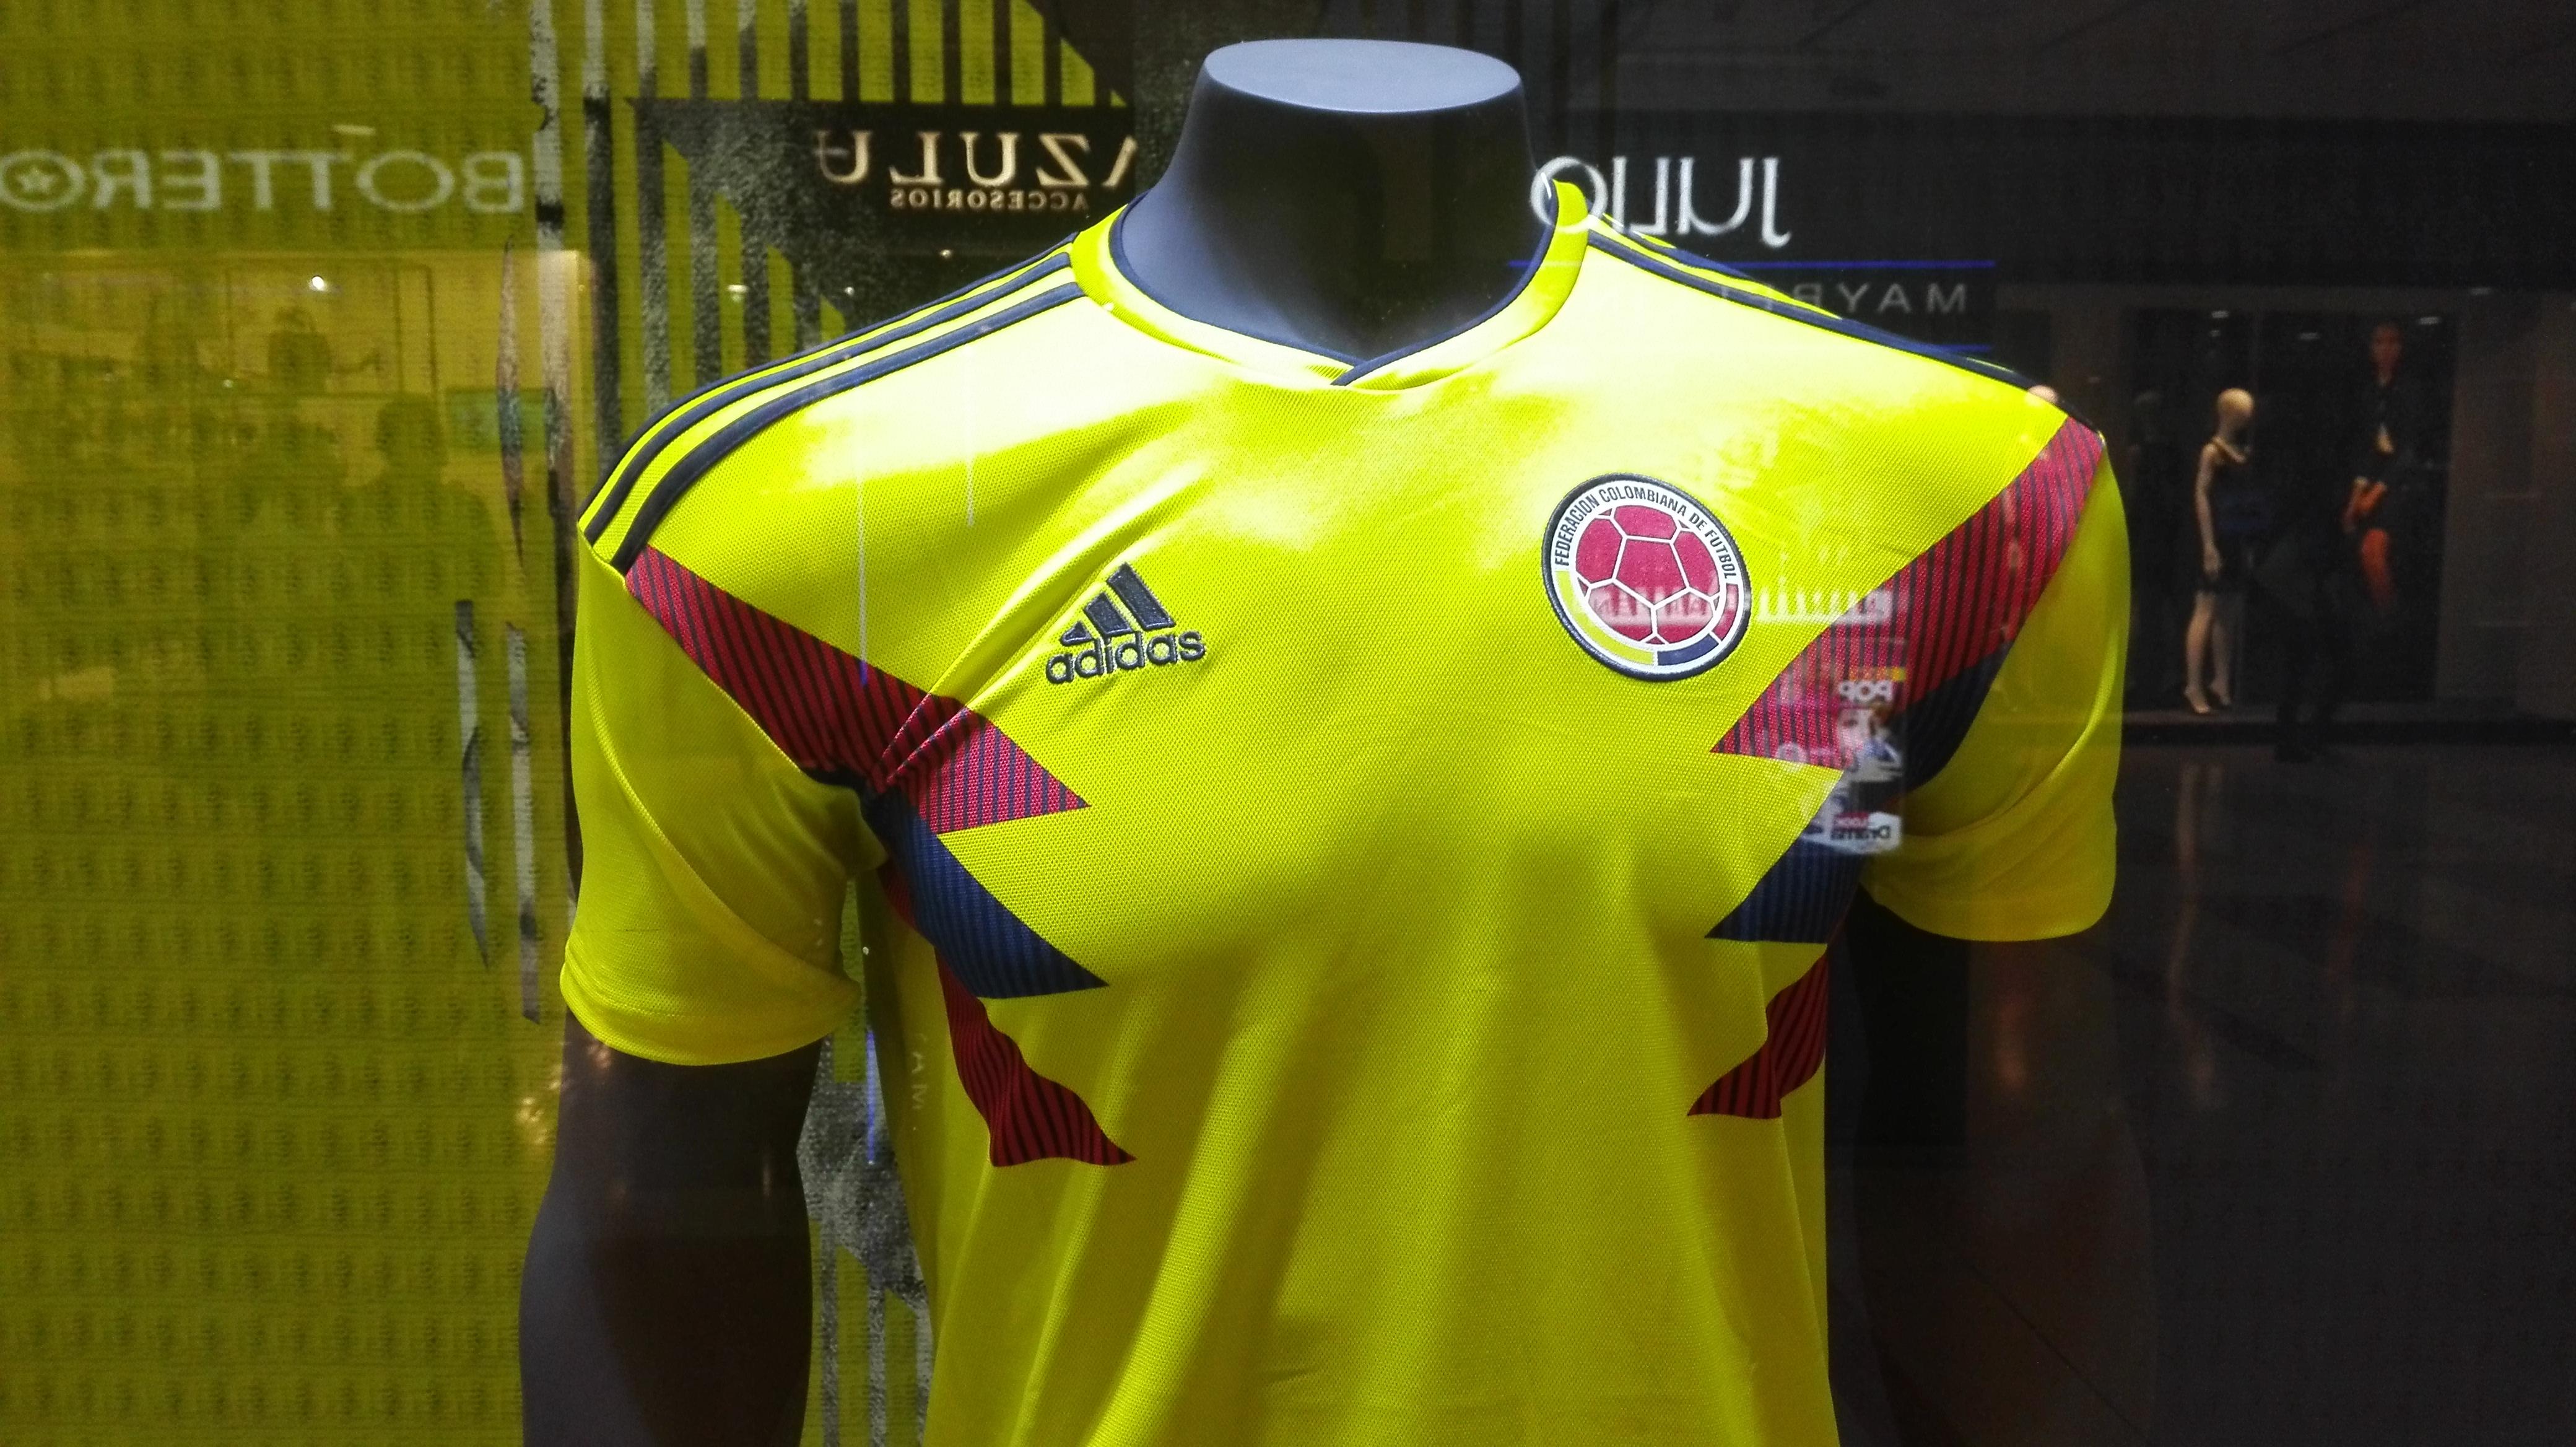 Uniforme de la selección de fútbol de Colombia - Wikipedia 73e0027dbb4